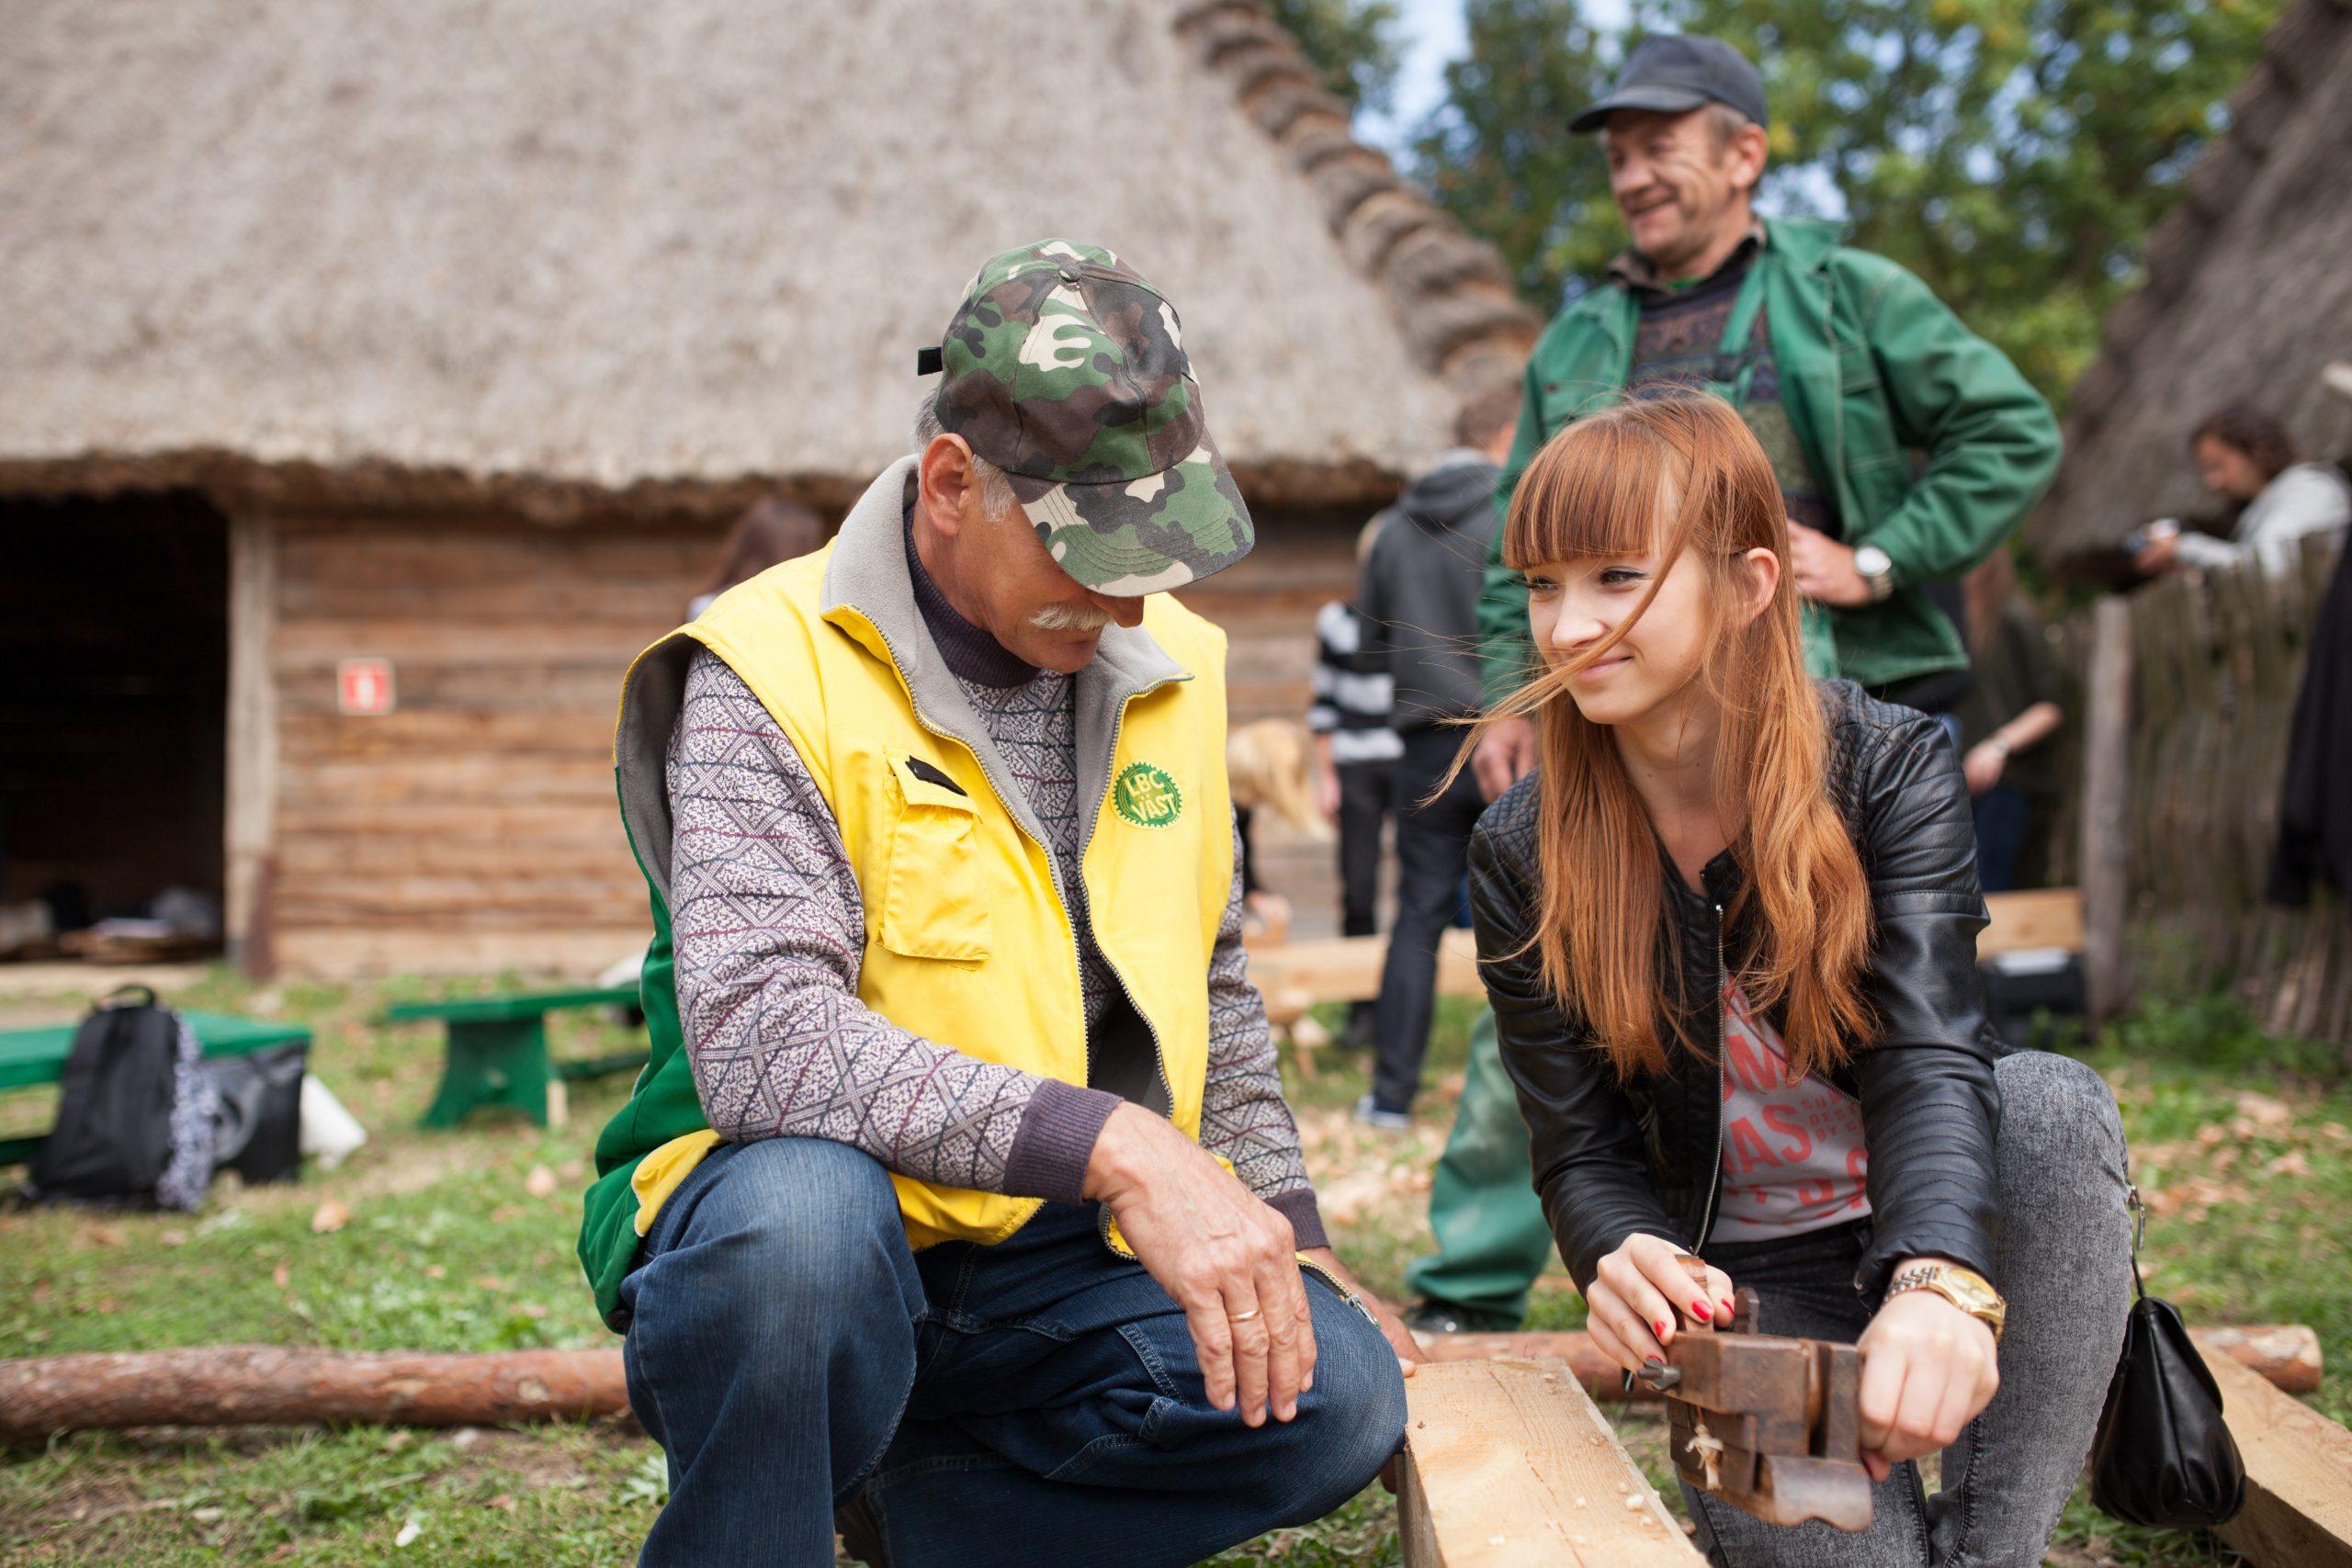 Workshop i Lublin, Polen, i regi av prosjektet Wooden Treasure. Polske skoleungdommer lærer om tradisjonshåndverk og vedlikehold av trebygg. Norske og polske snekkere er involvert.